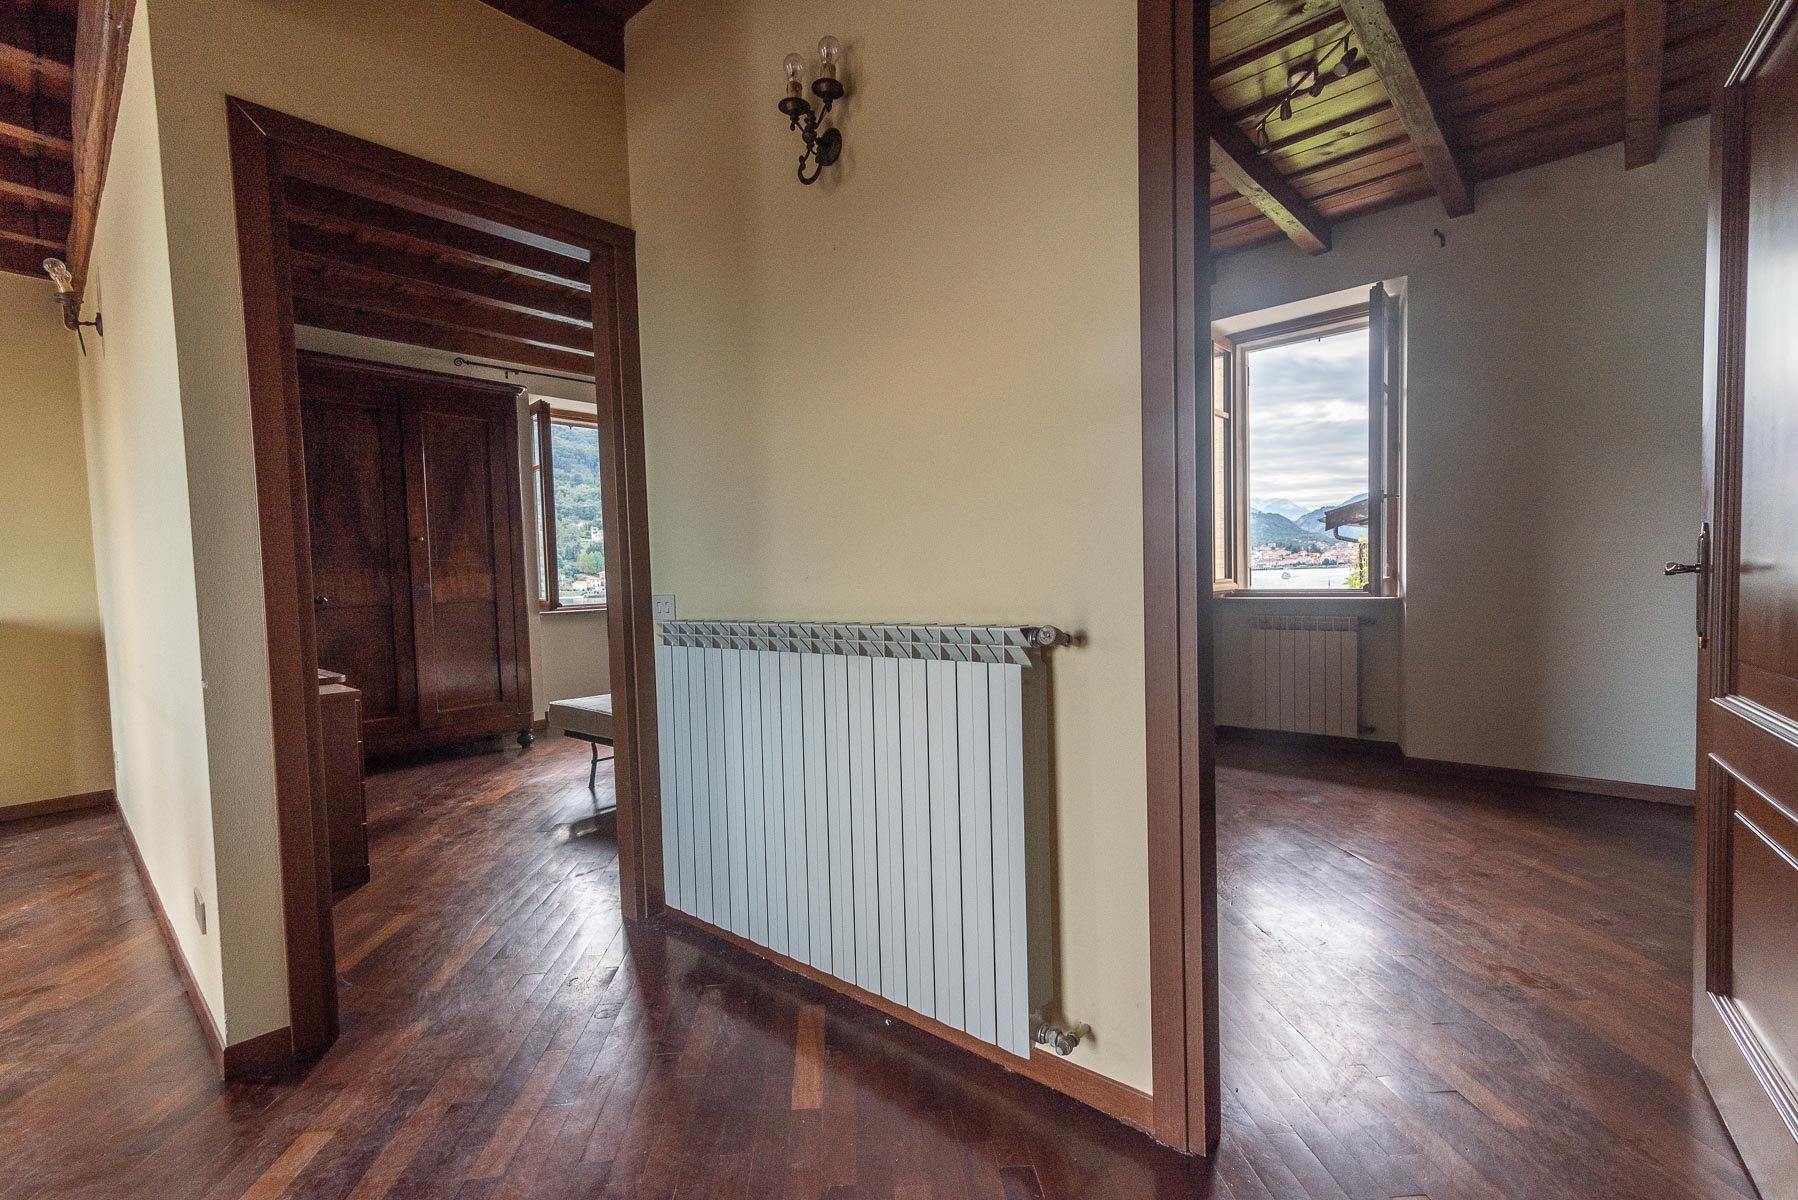 Apartment for sale in Pescatori Island, Stresa - intern